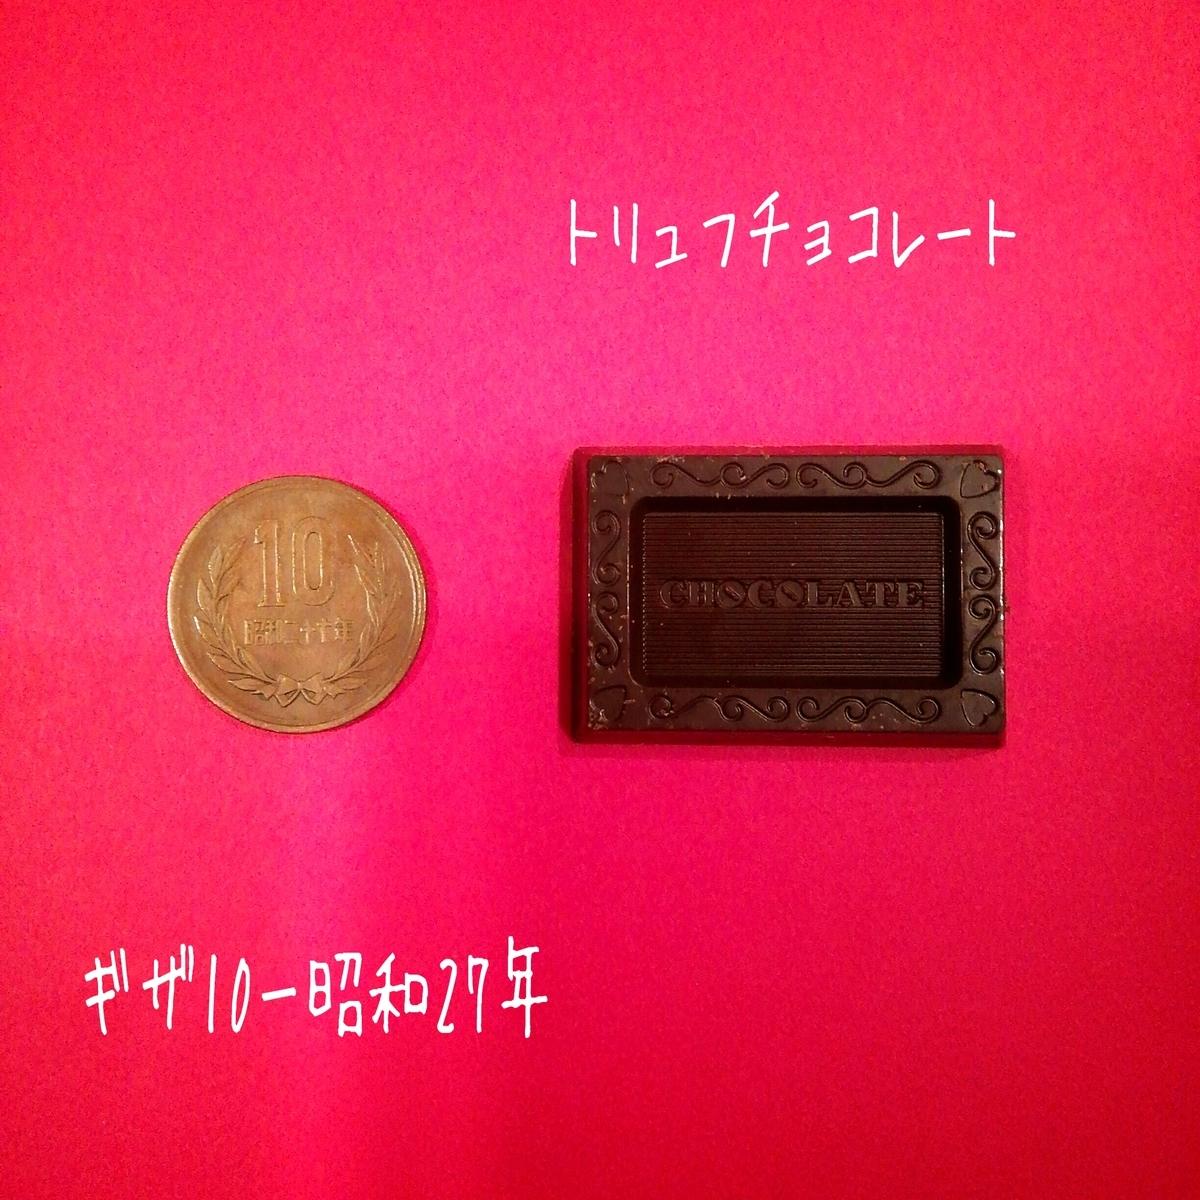 f:id:shizu3434:20190510235459j:plain